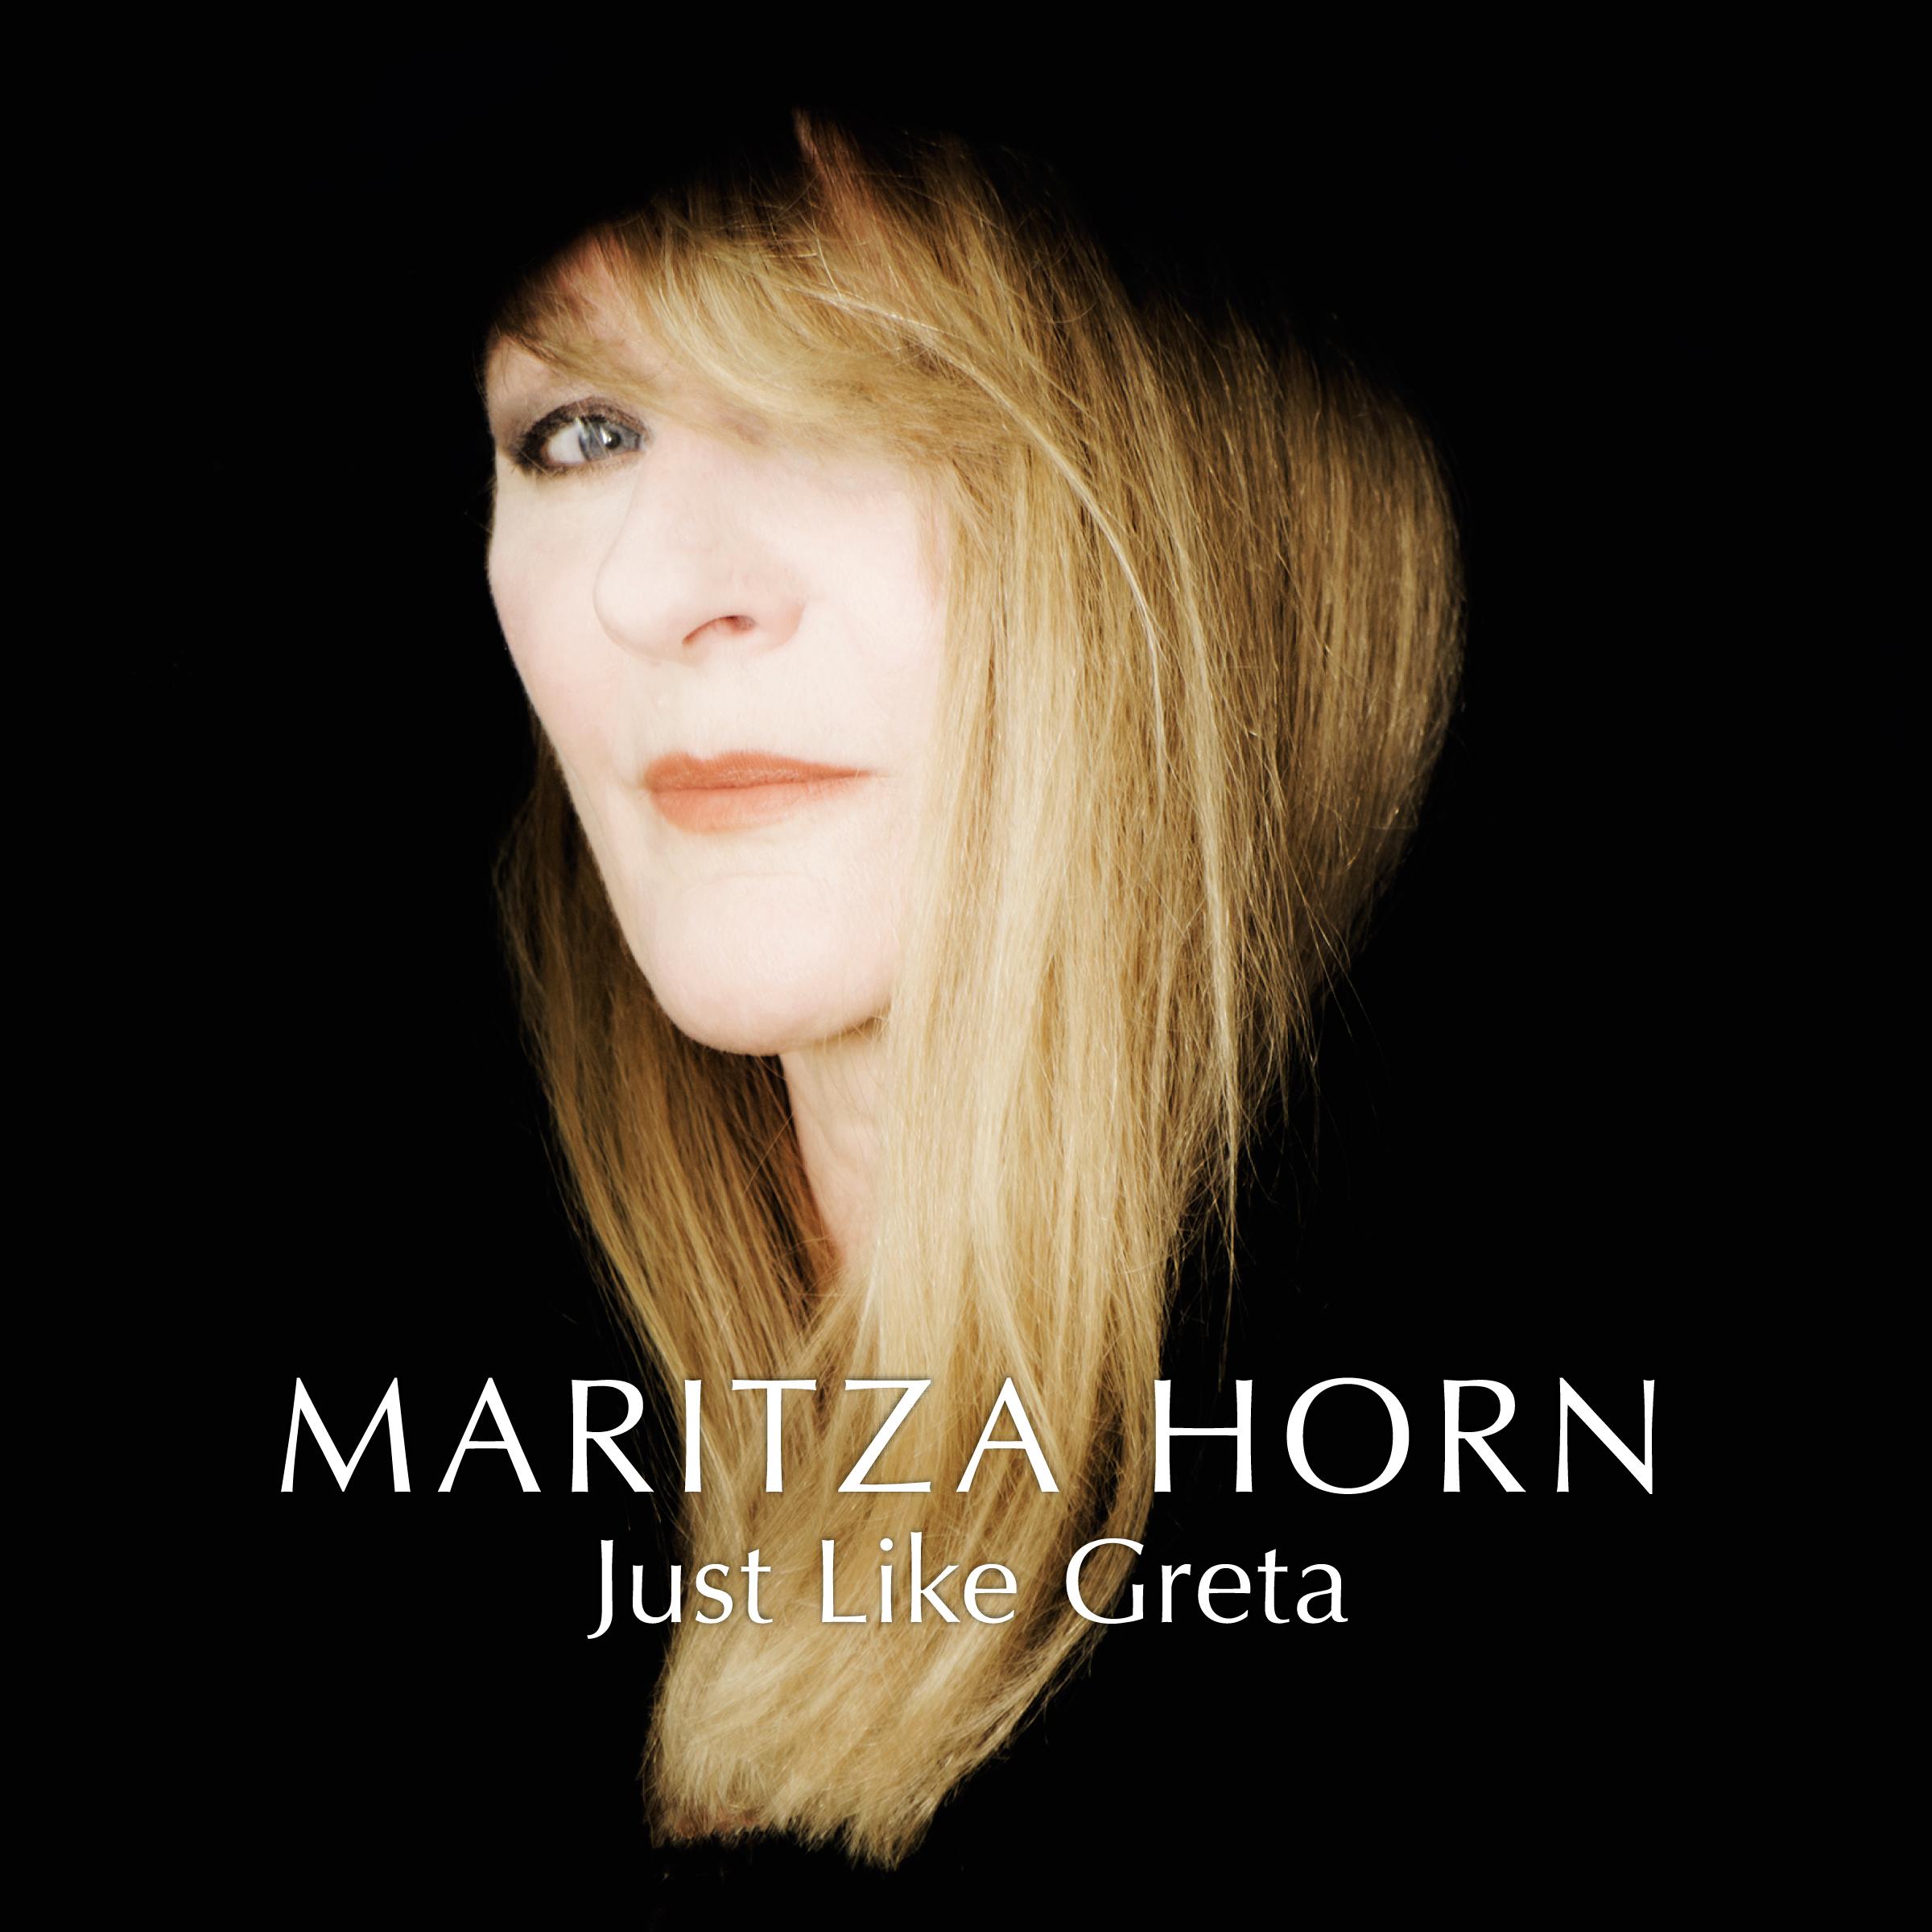 Maritza Horn Brusoknaster